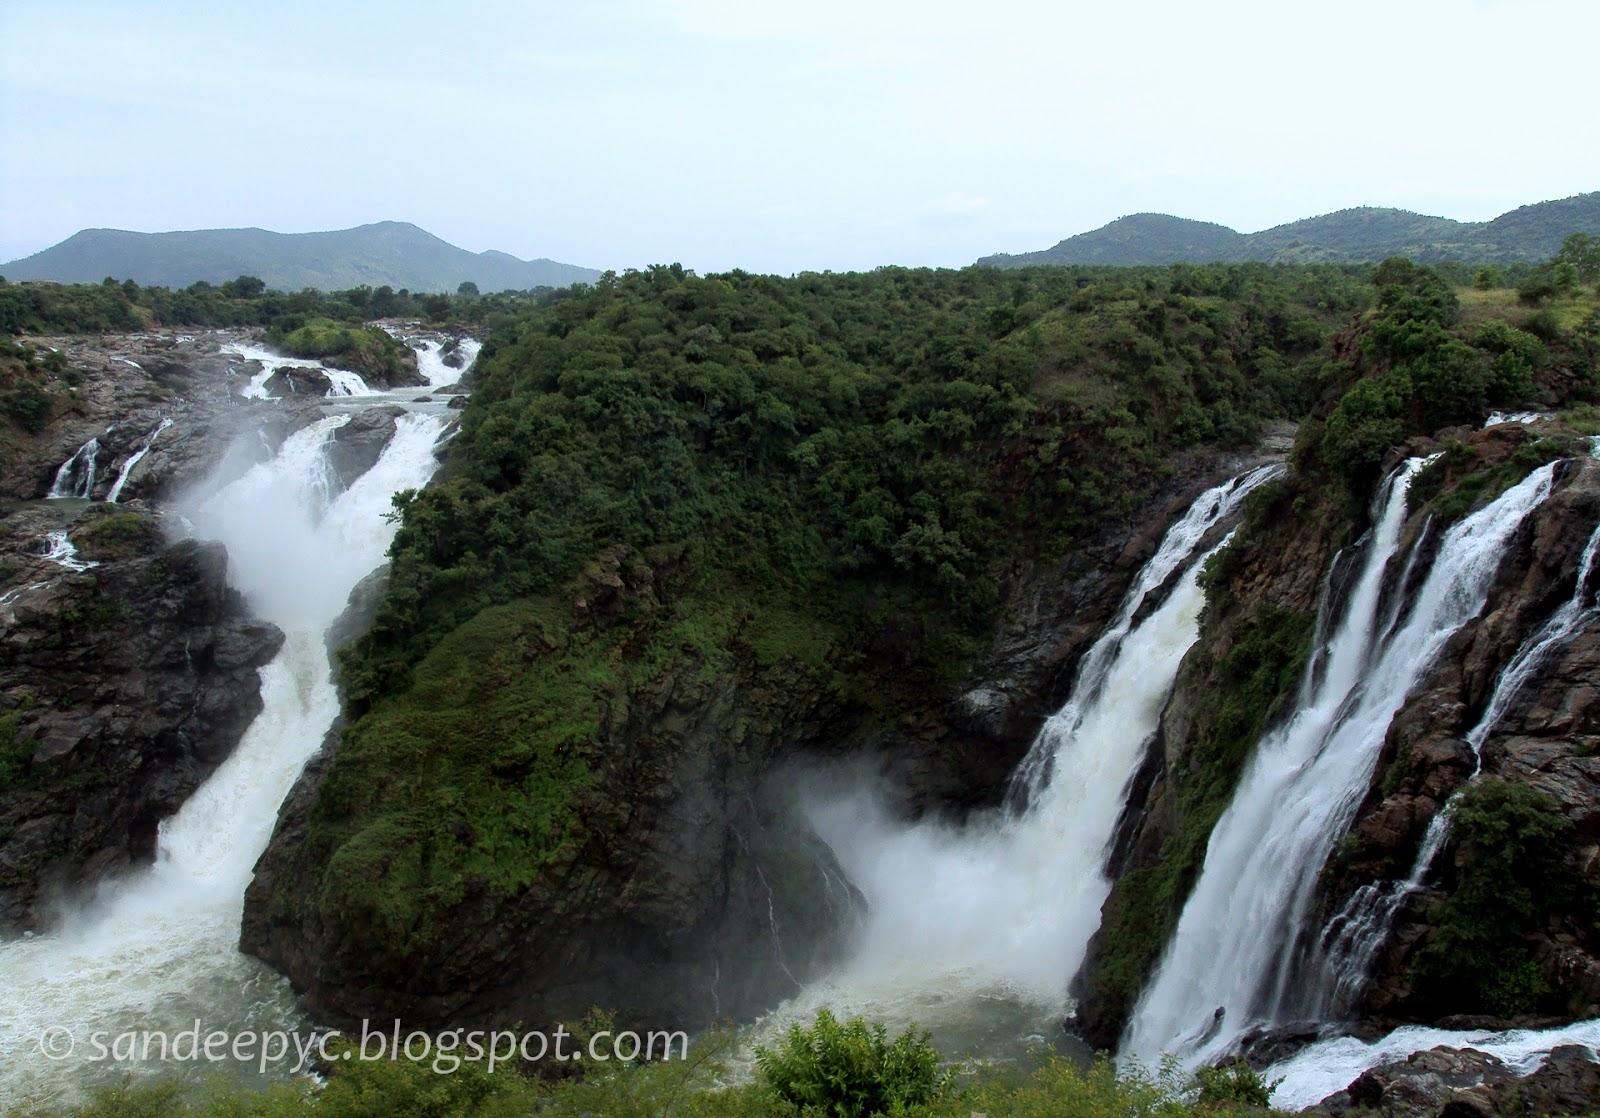 The twin falls of Gaganachukki